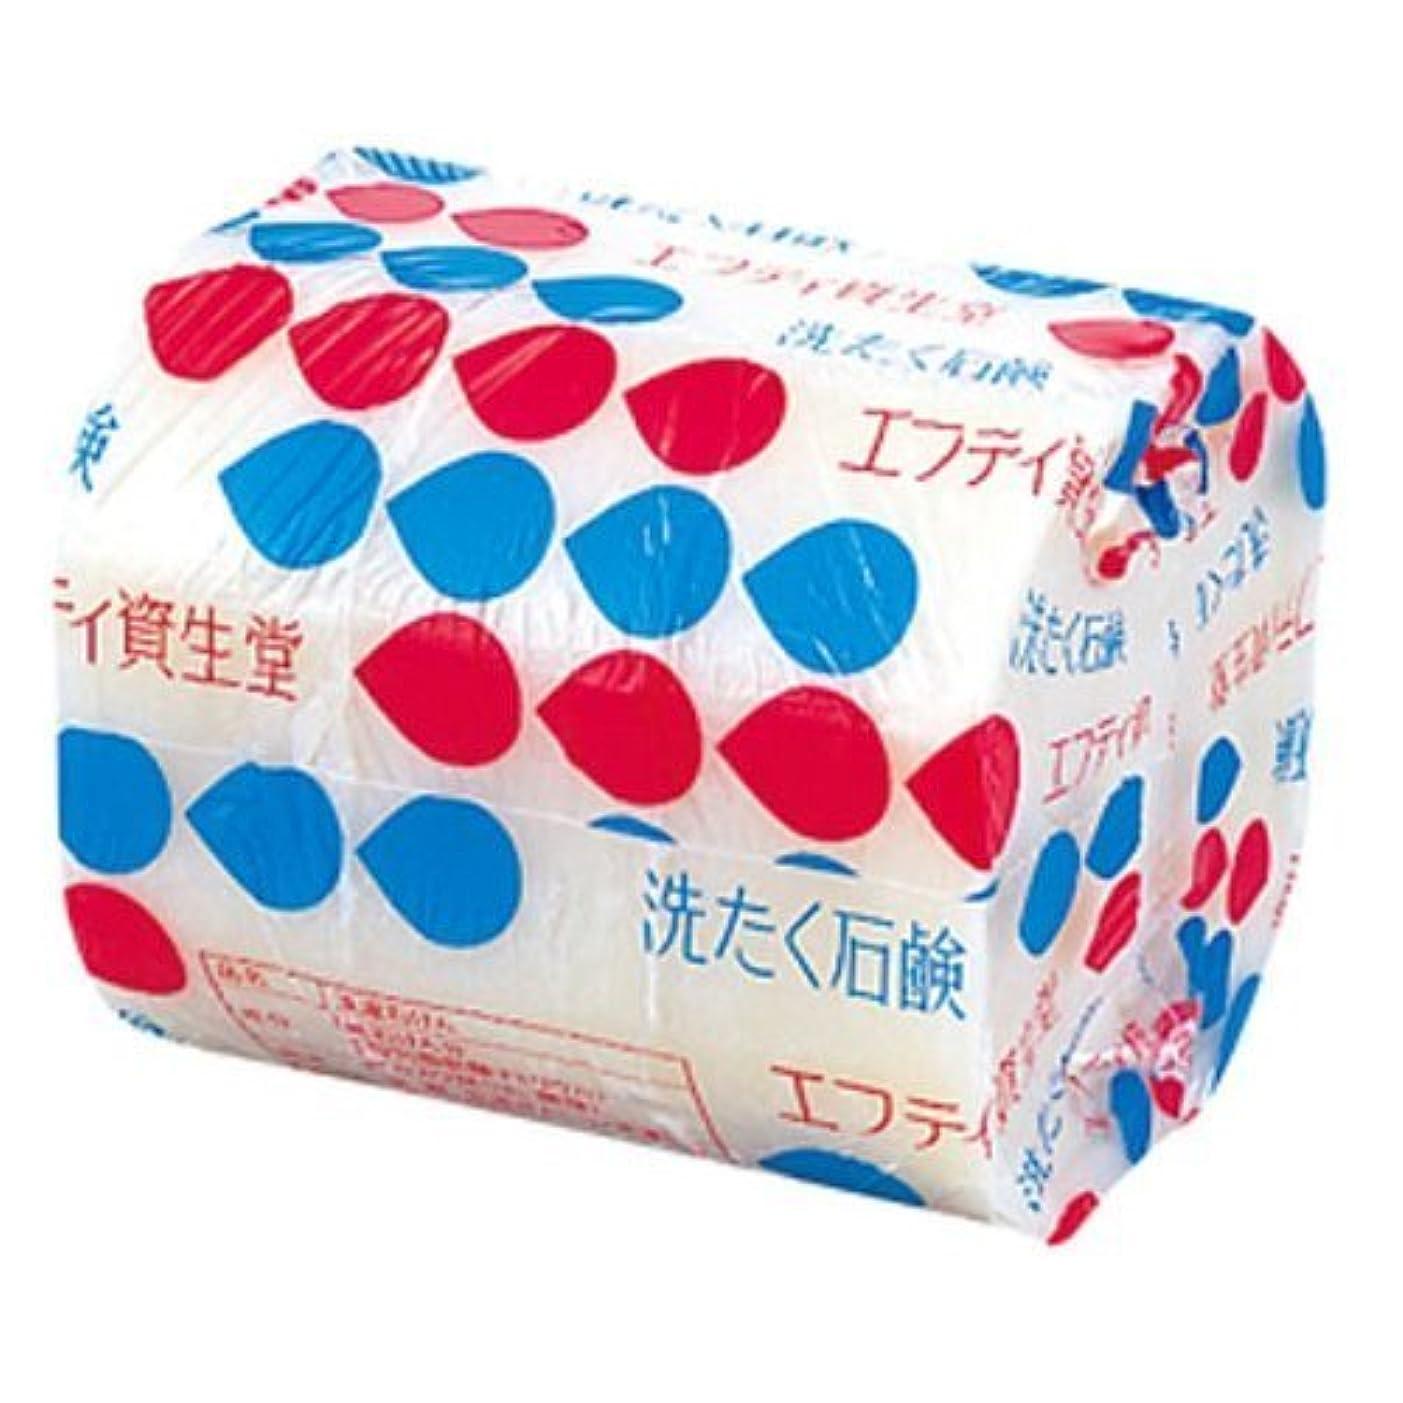 秘書フラグラント家事【資生堂】エフティ資生堂洗たく石鹸花椿型3コパック200g